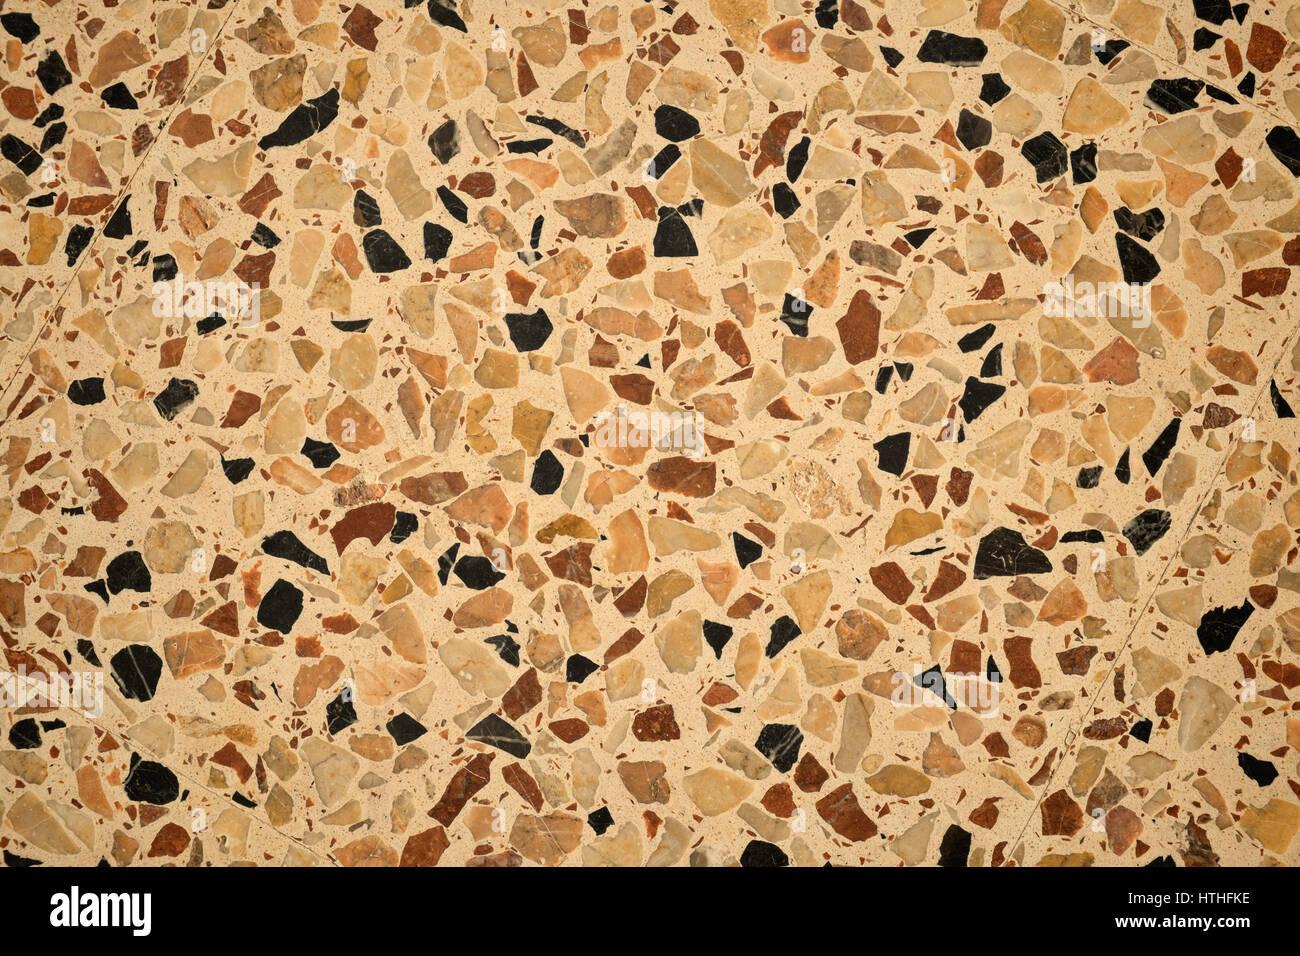 Fußbodenbelag Terrazzo ~ Full frame nehmen eine terrazzo bodenbelag muster stockfoto bild